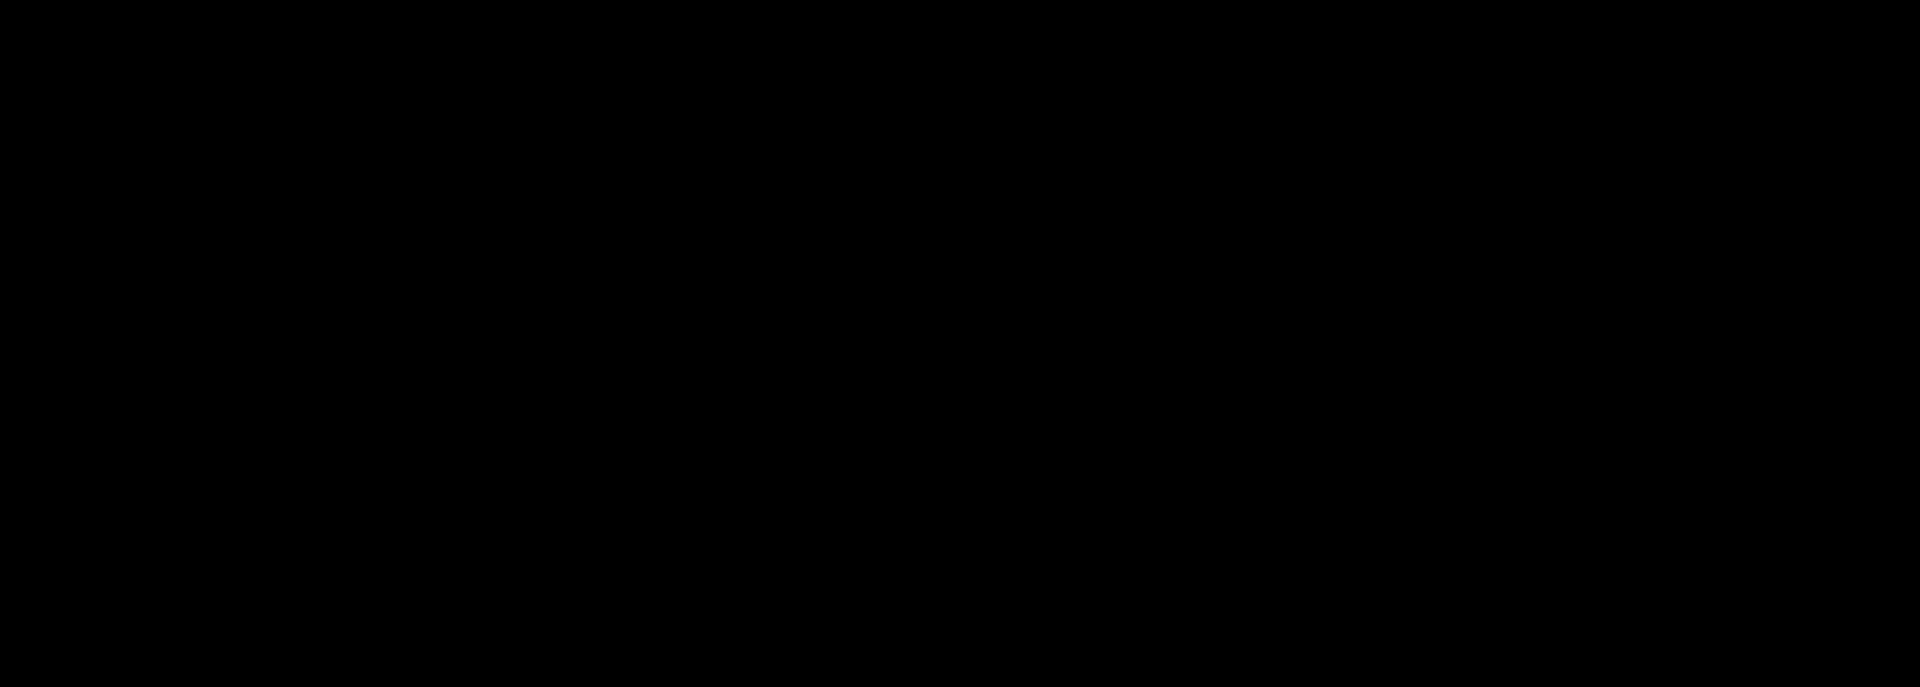 Lashesbyjulia